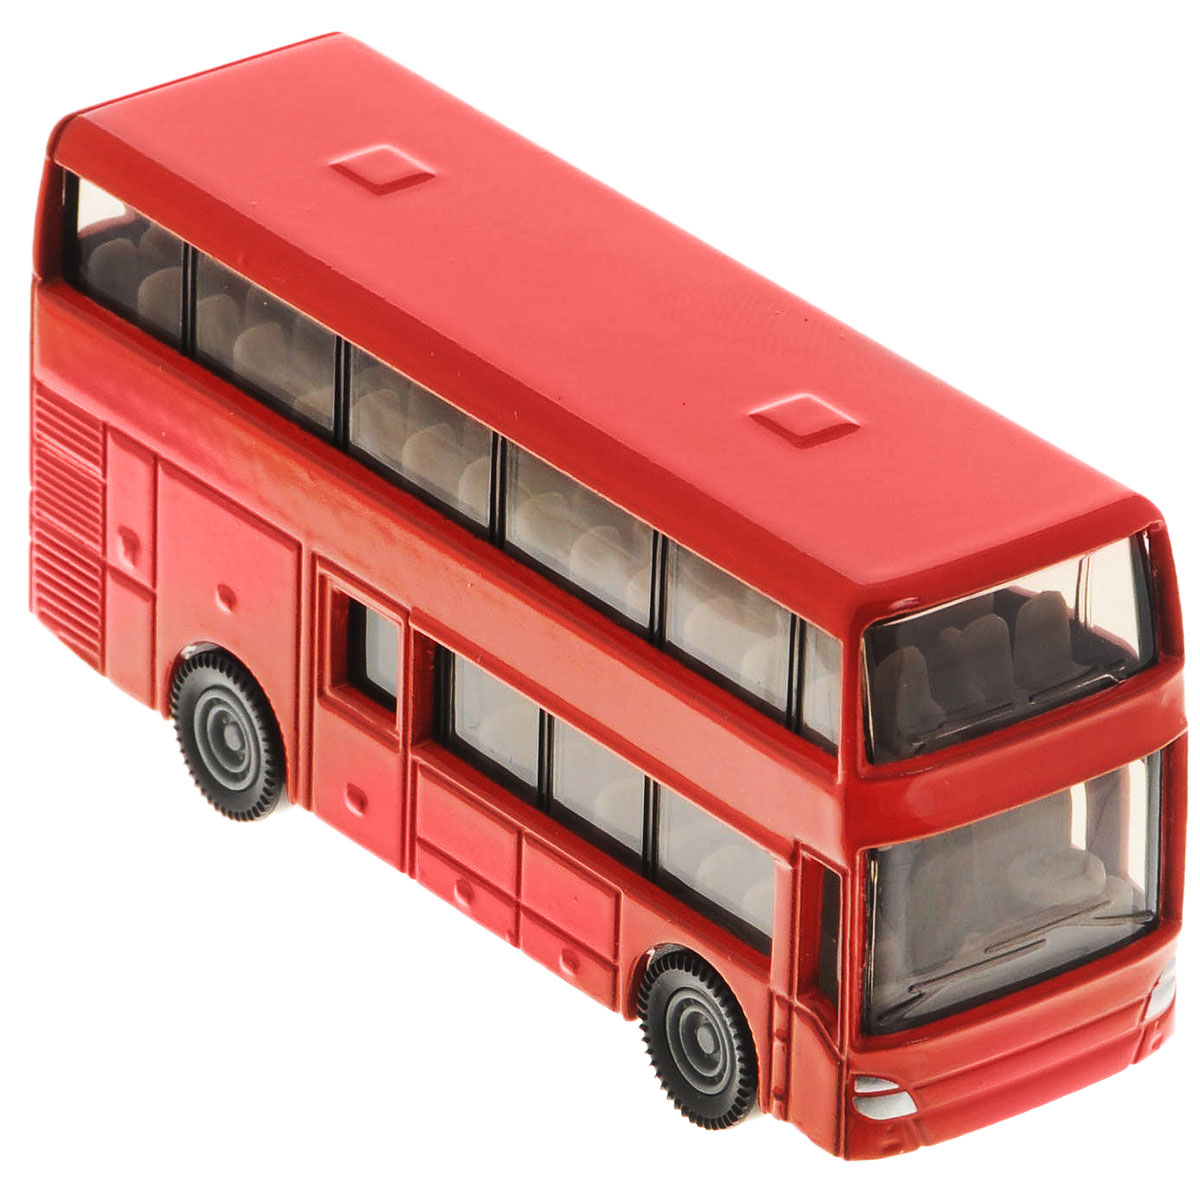 Siku Двухэтажный автобус siku siku 0804 полицейский автобус 1 55